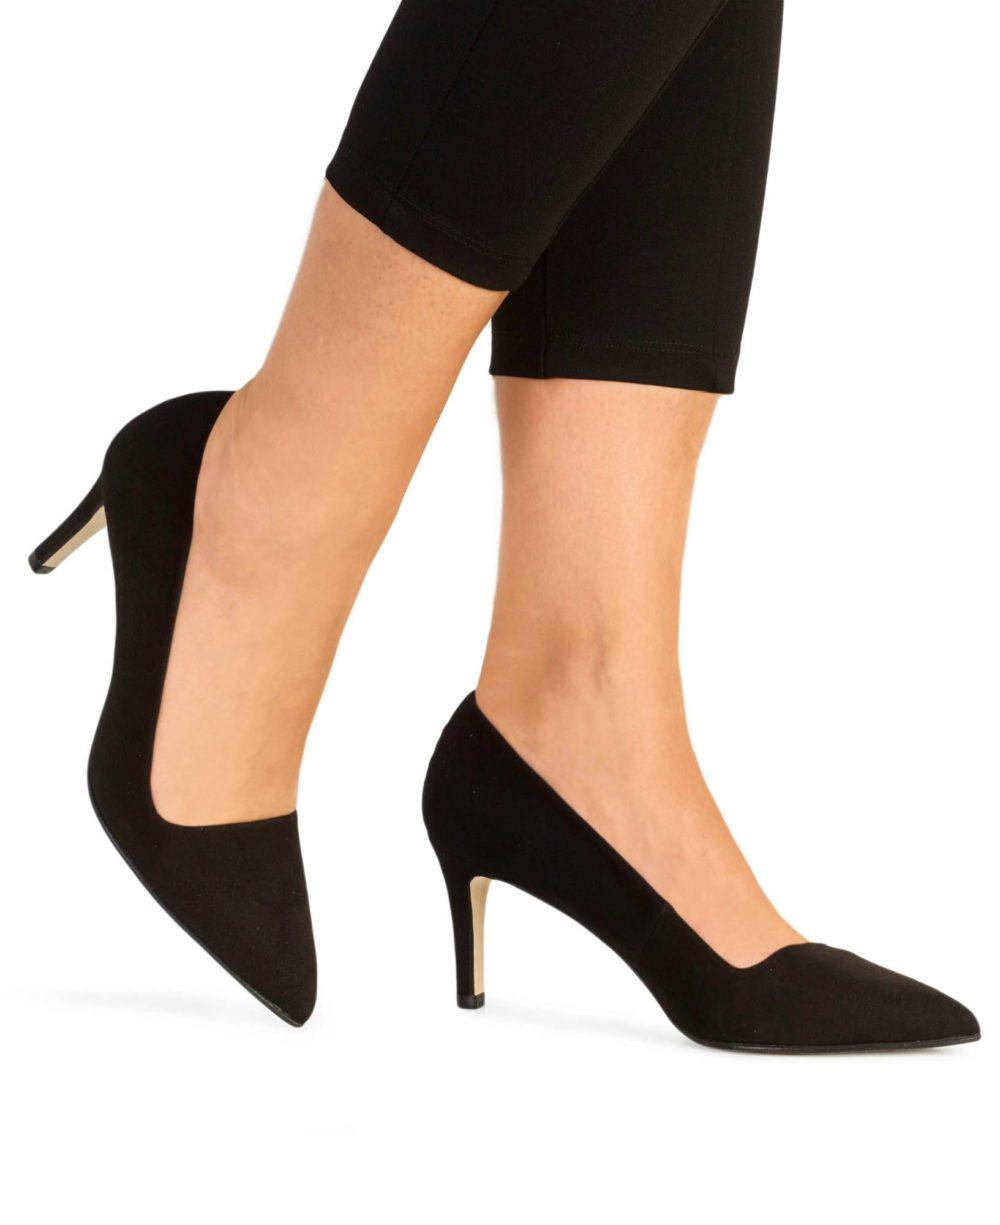 Zapatos de piel Paco Gil. P-3192 Black Suede Piernas